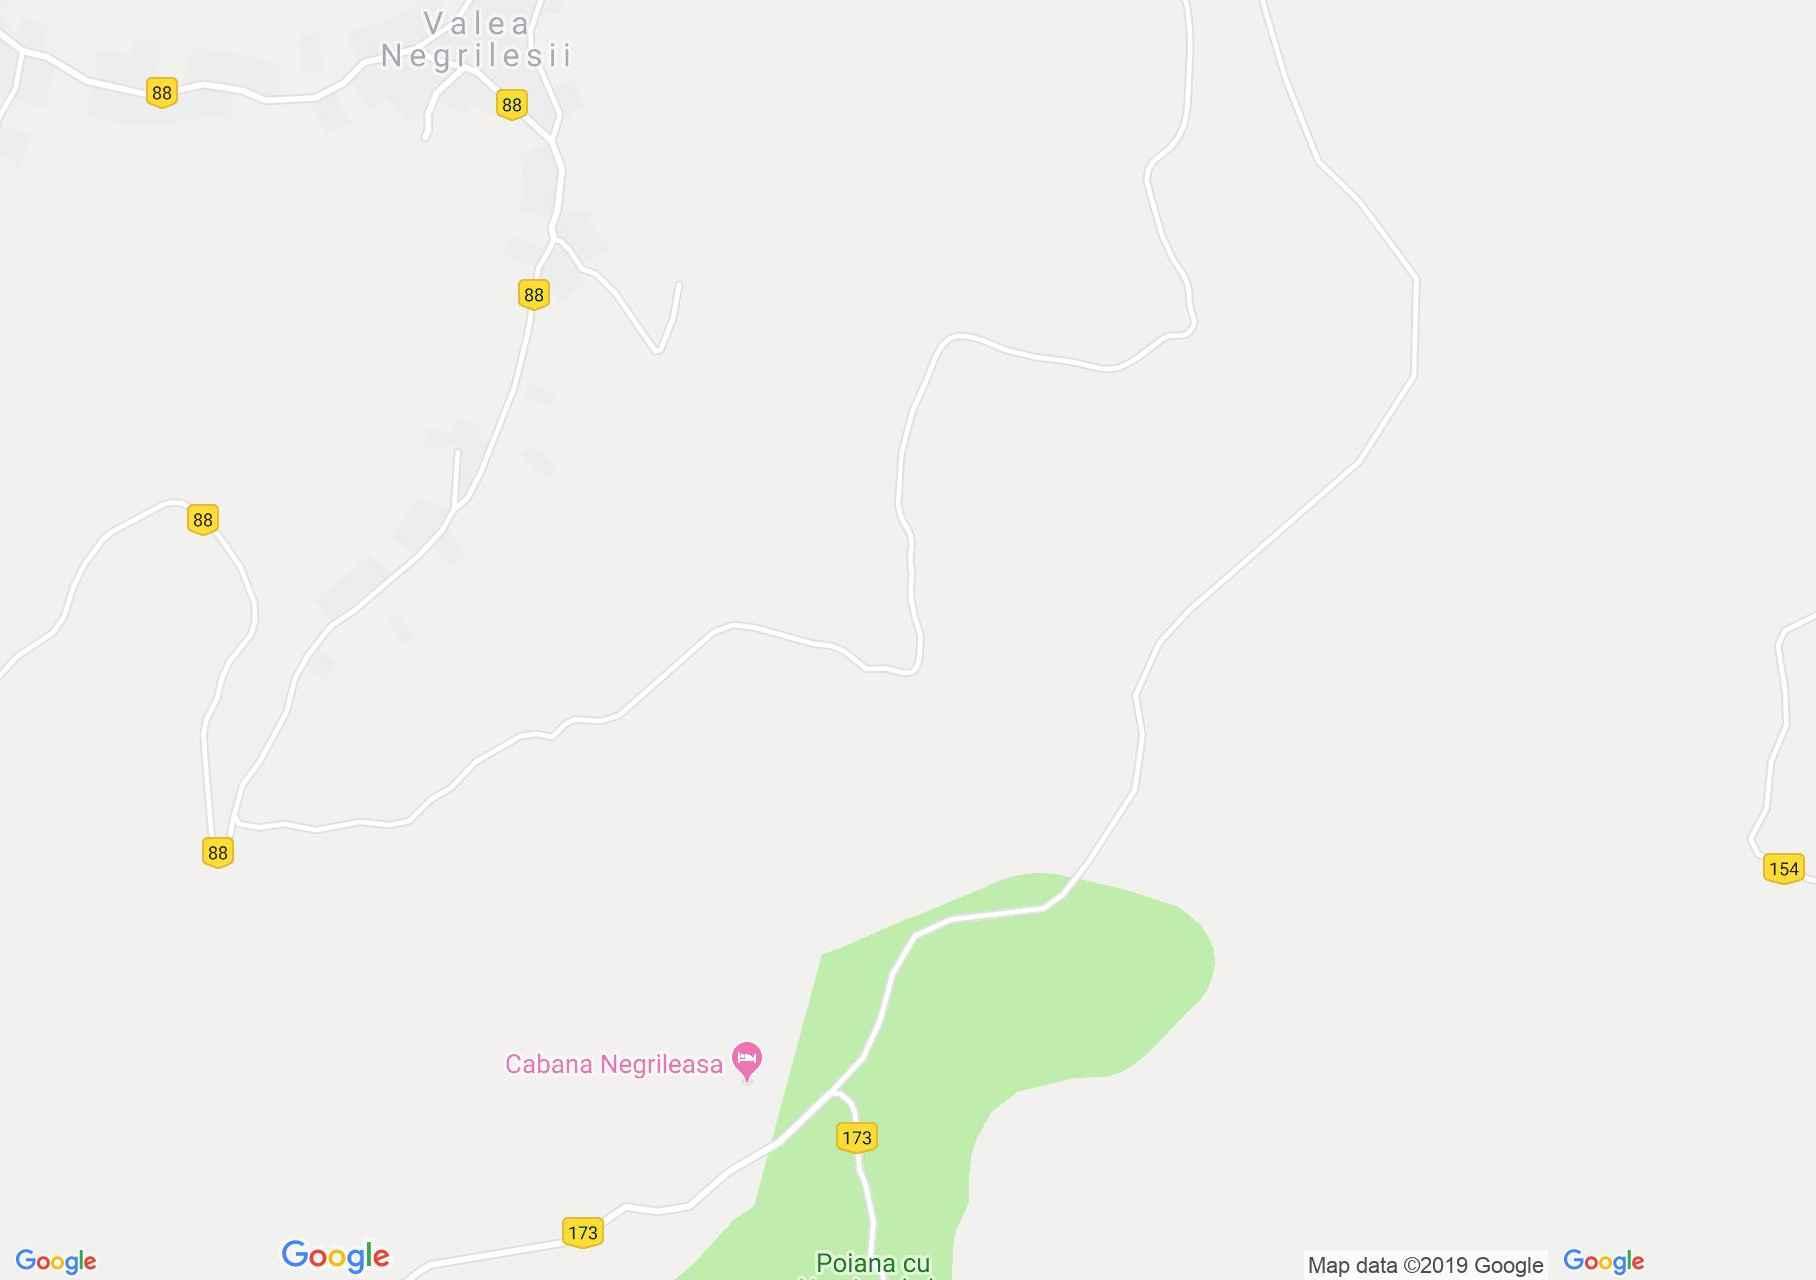 Valea Negrilesii: Negrileasa-i nárciszmező (térkép)